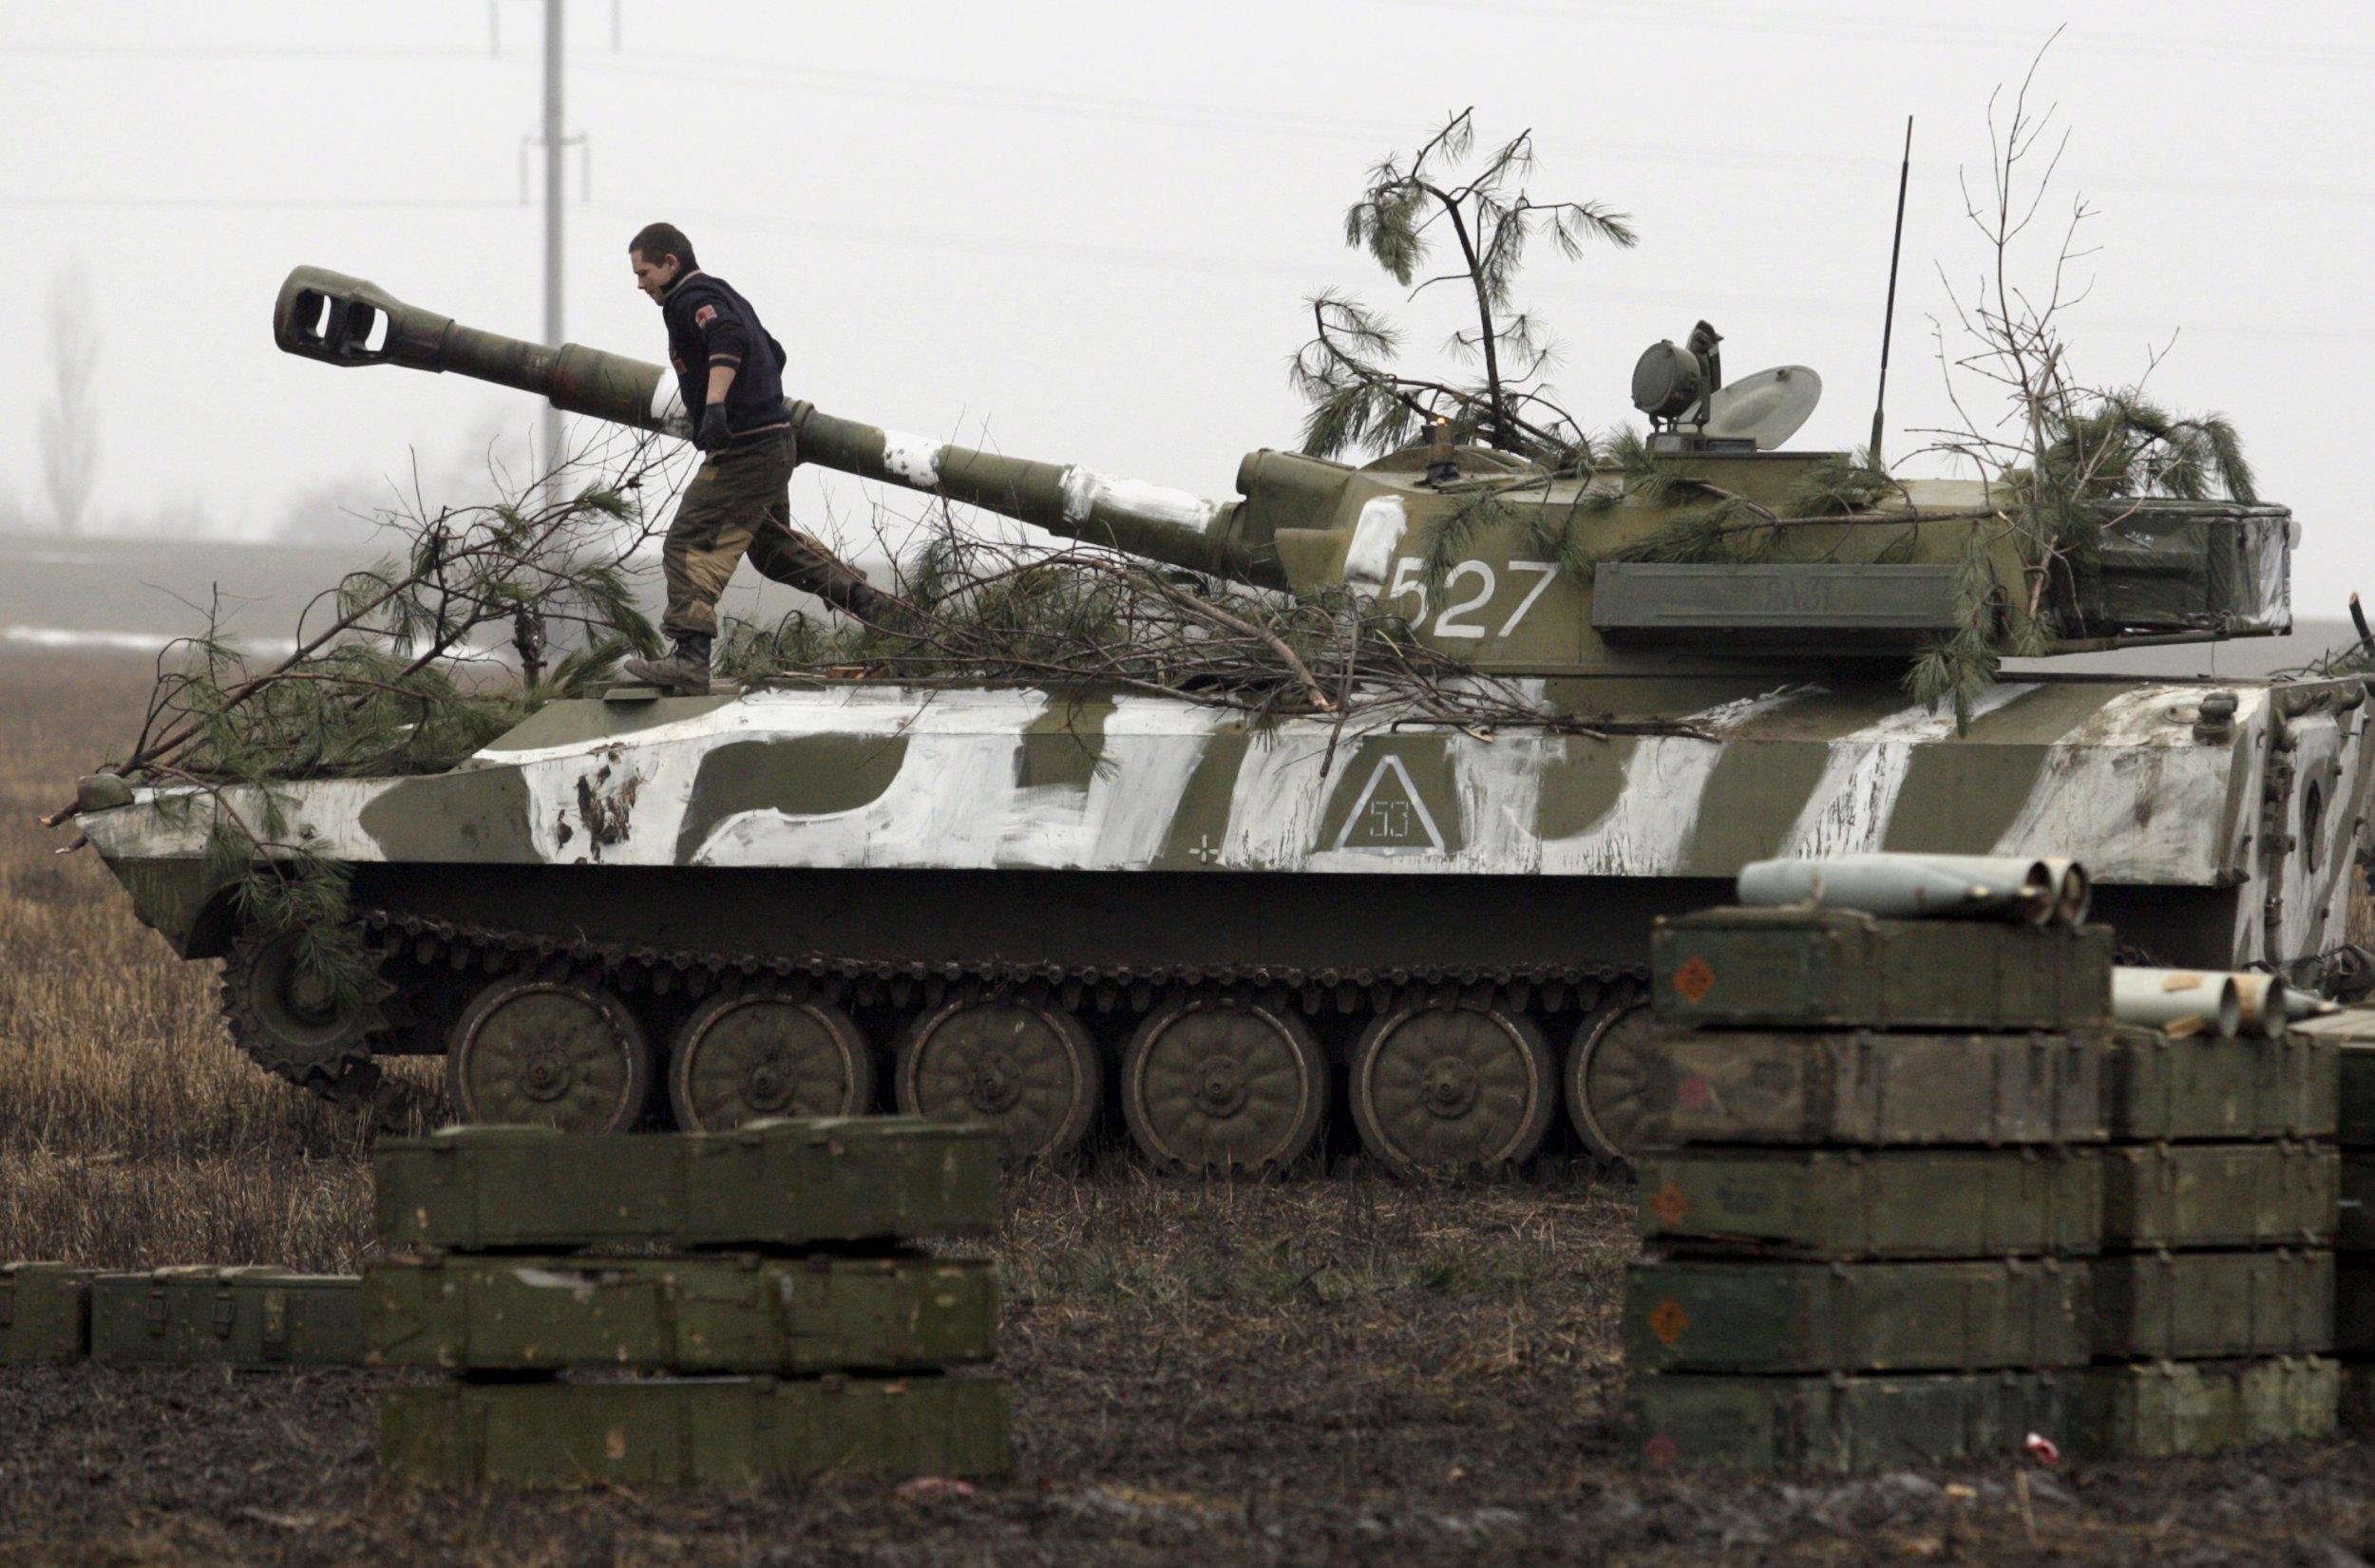 pro-Russian rebel walks on tank